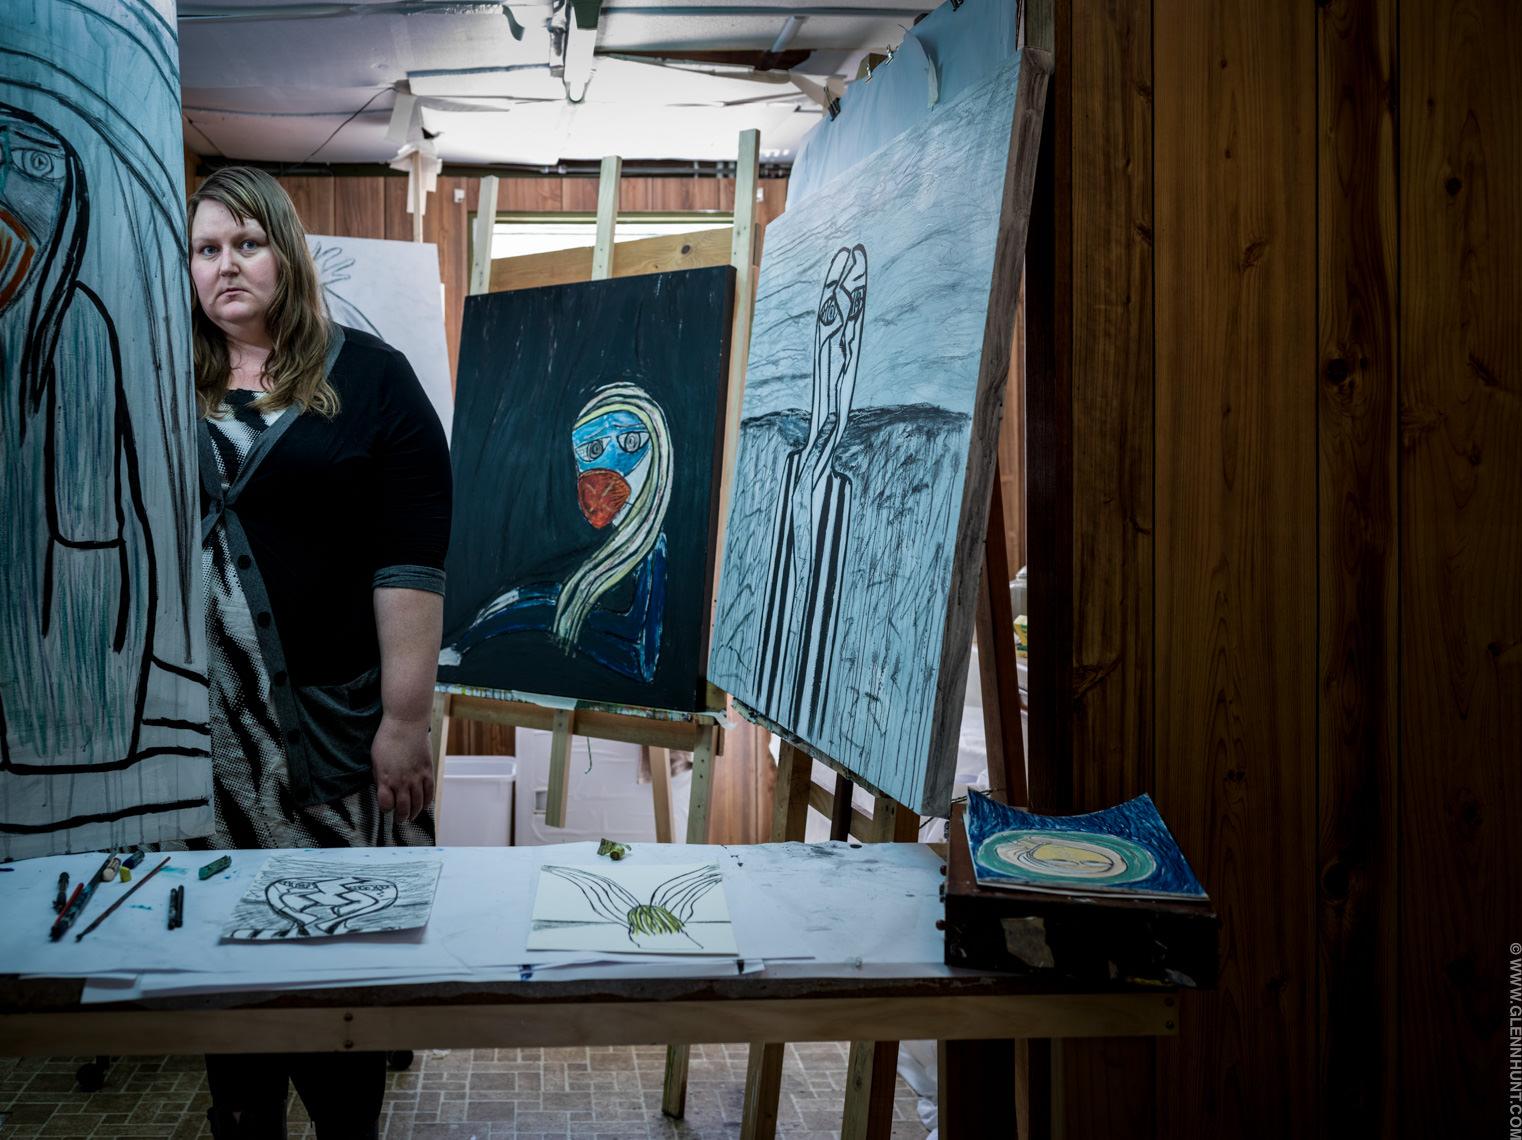 Artist – Joanne Braddy